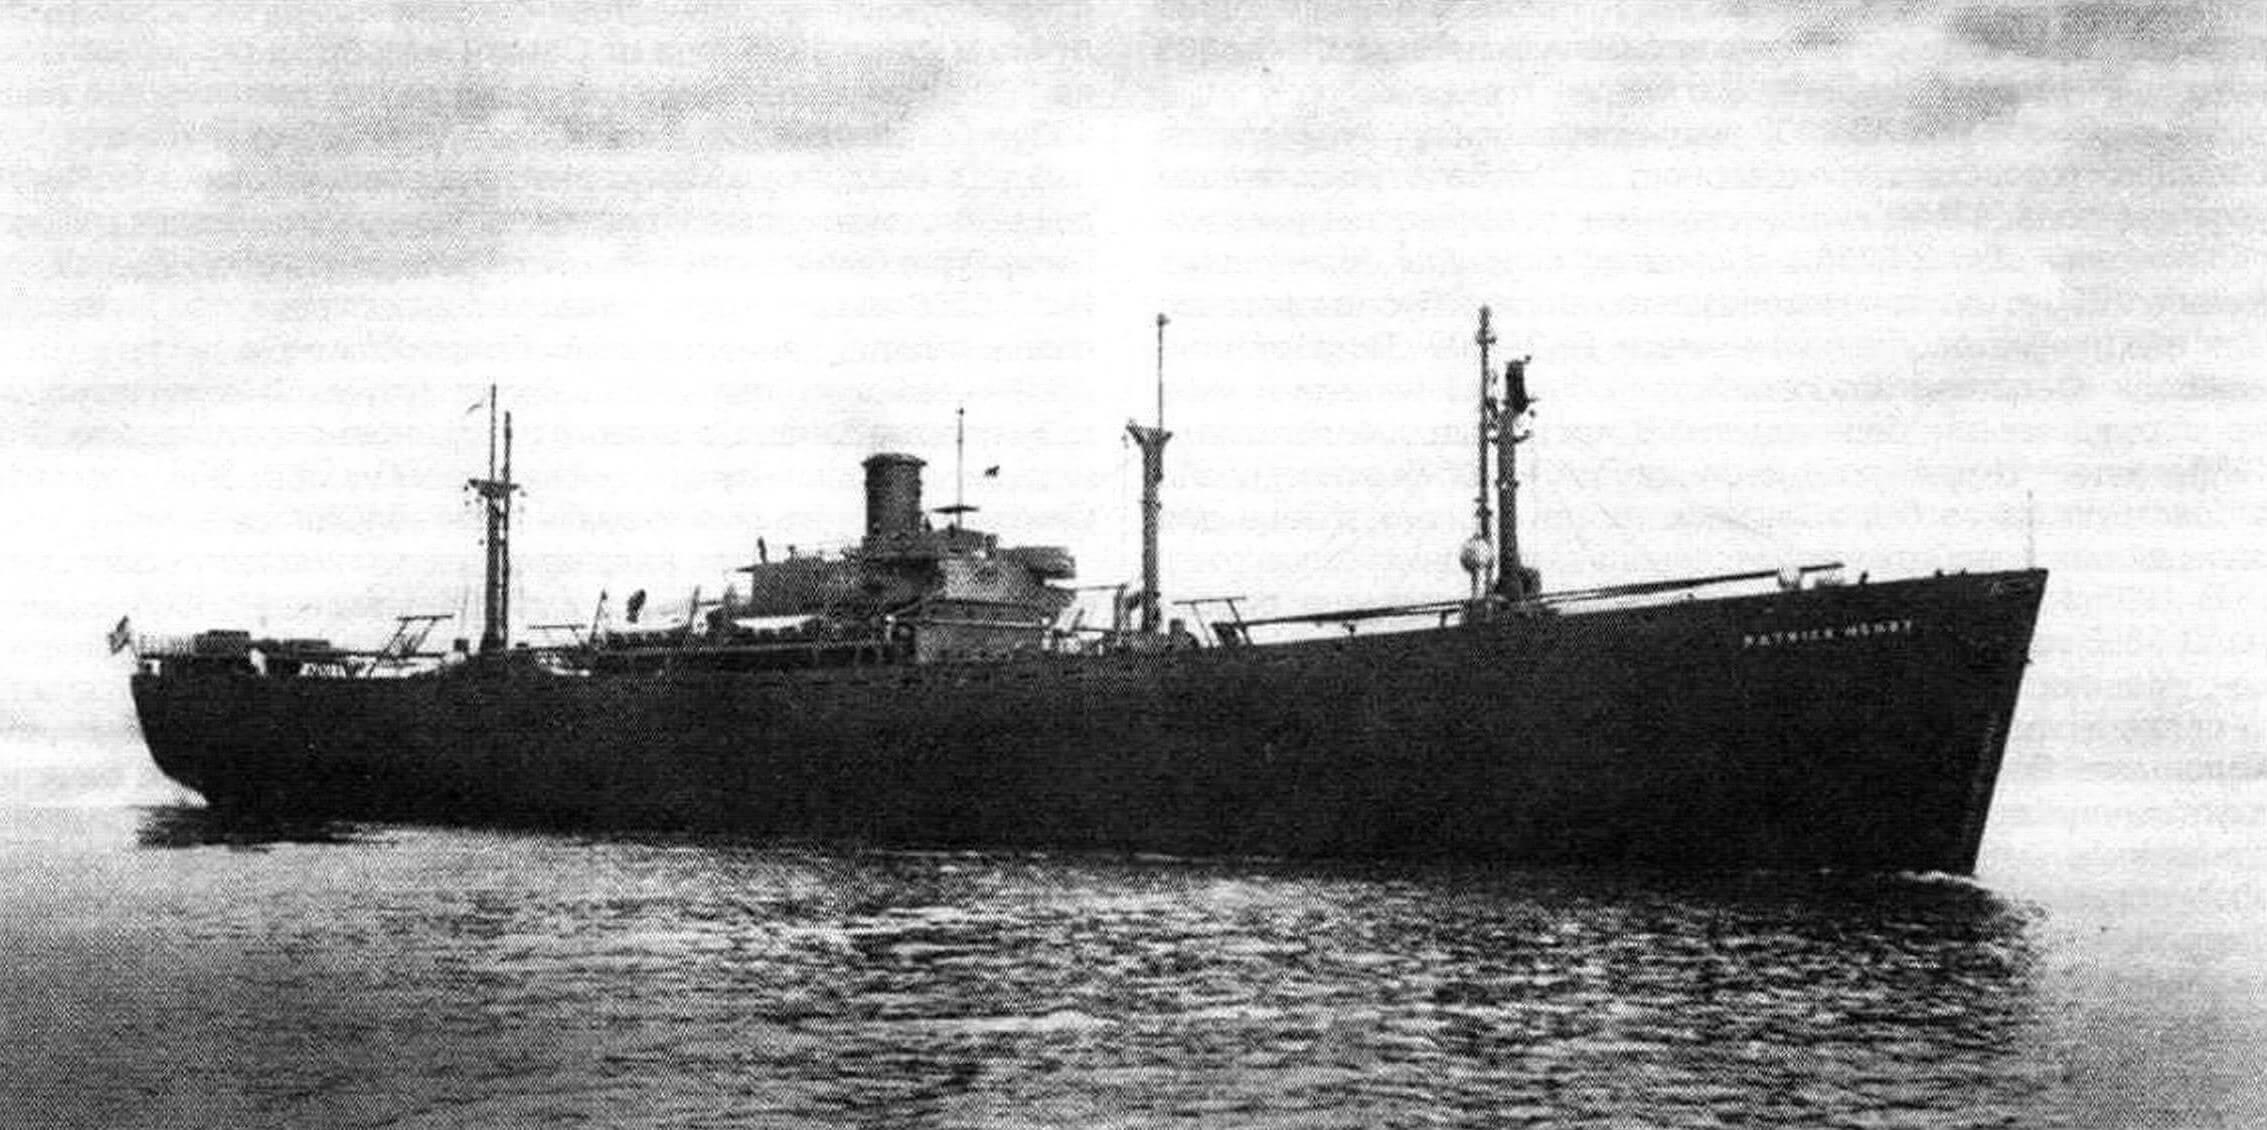 Головное судно проекта «ЕС-2», получившее наименование «Патрик Генри» («Patrick Henry»), проходит испытания